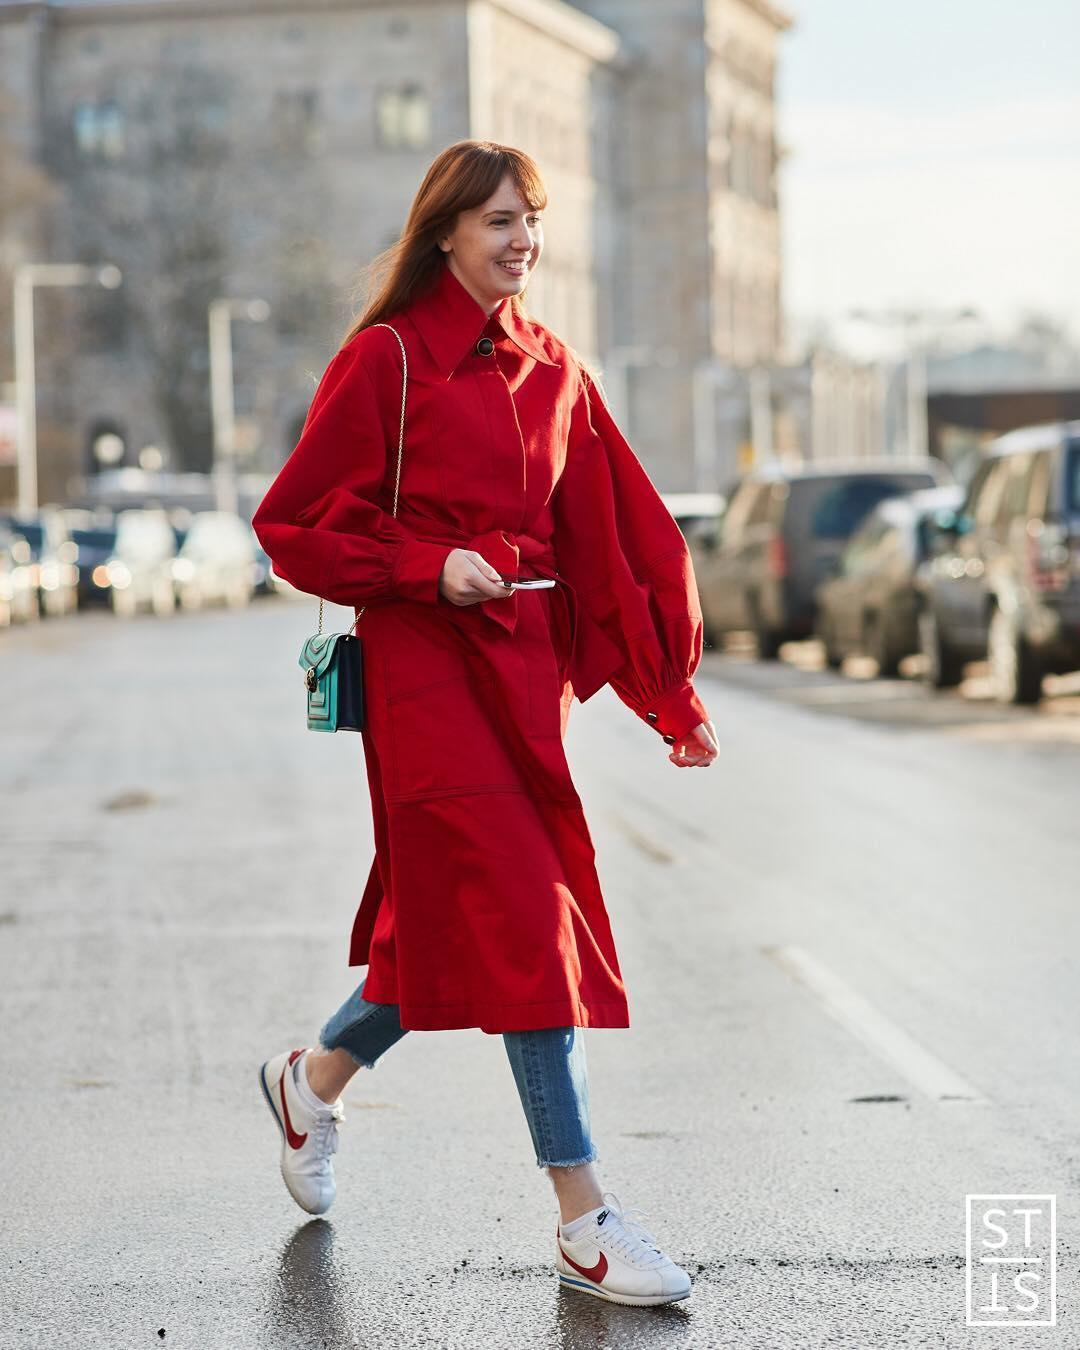 Модный шок: 6 трендов, которые сложно понять